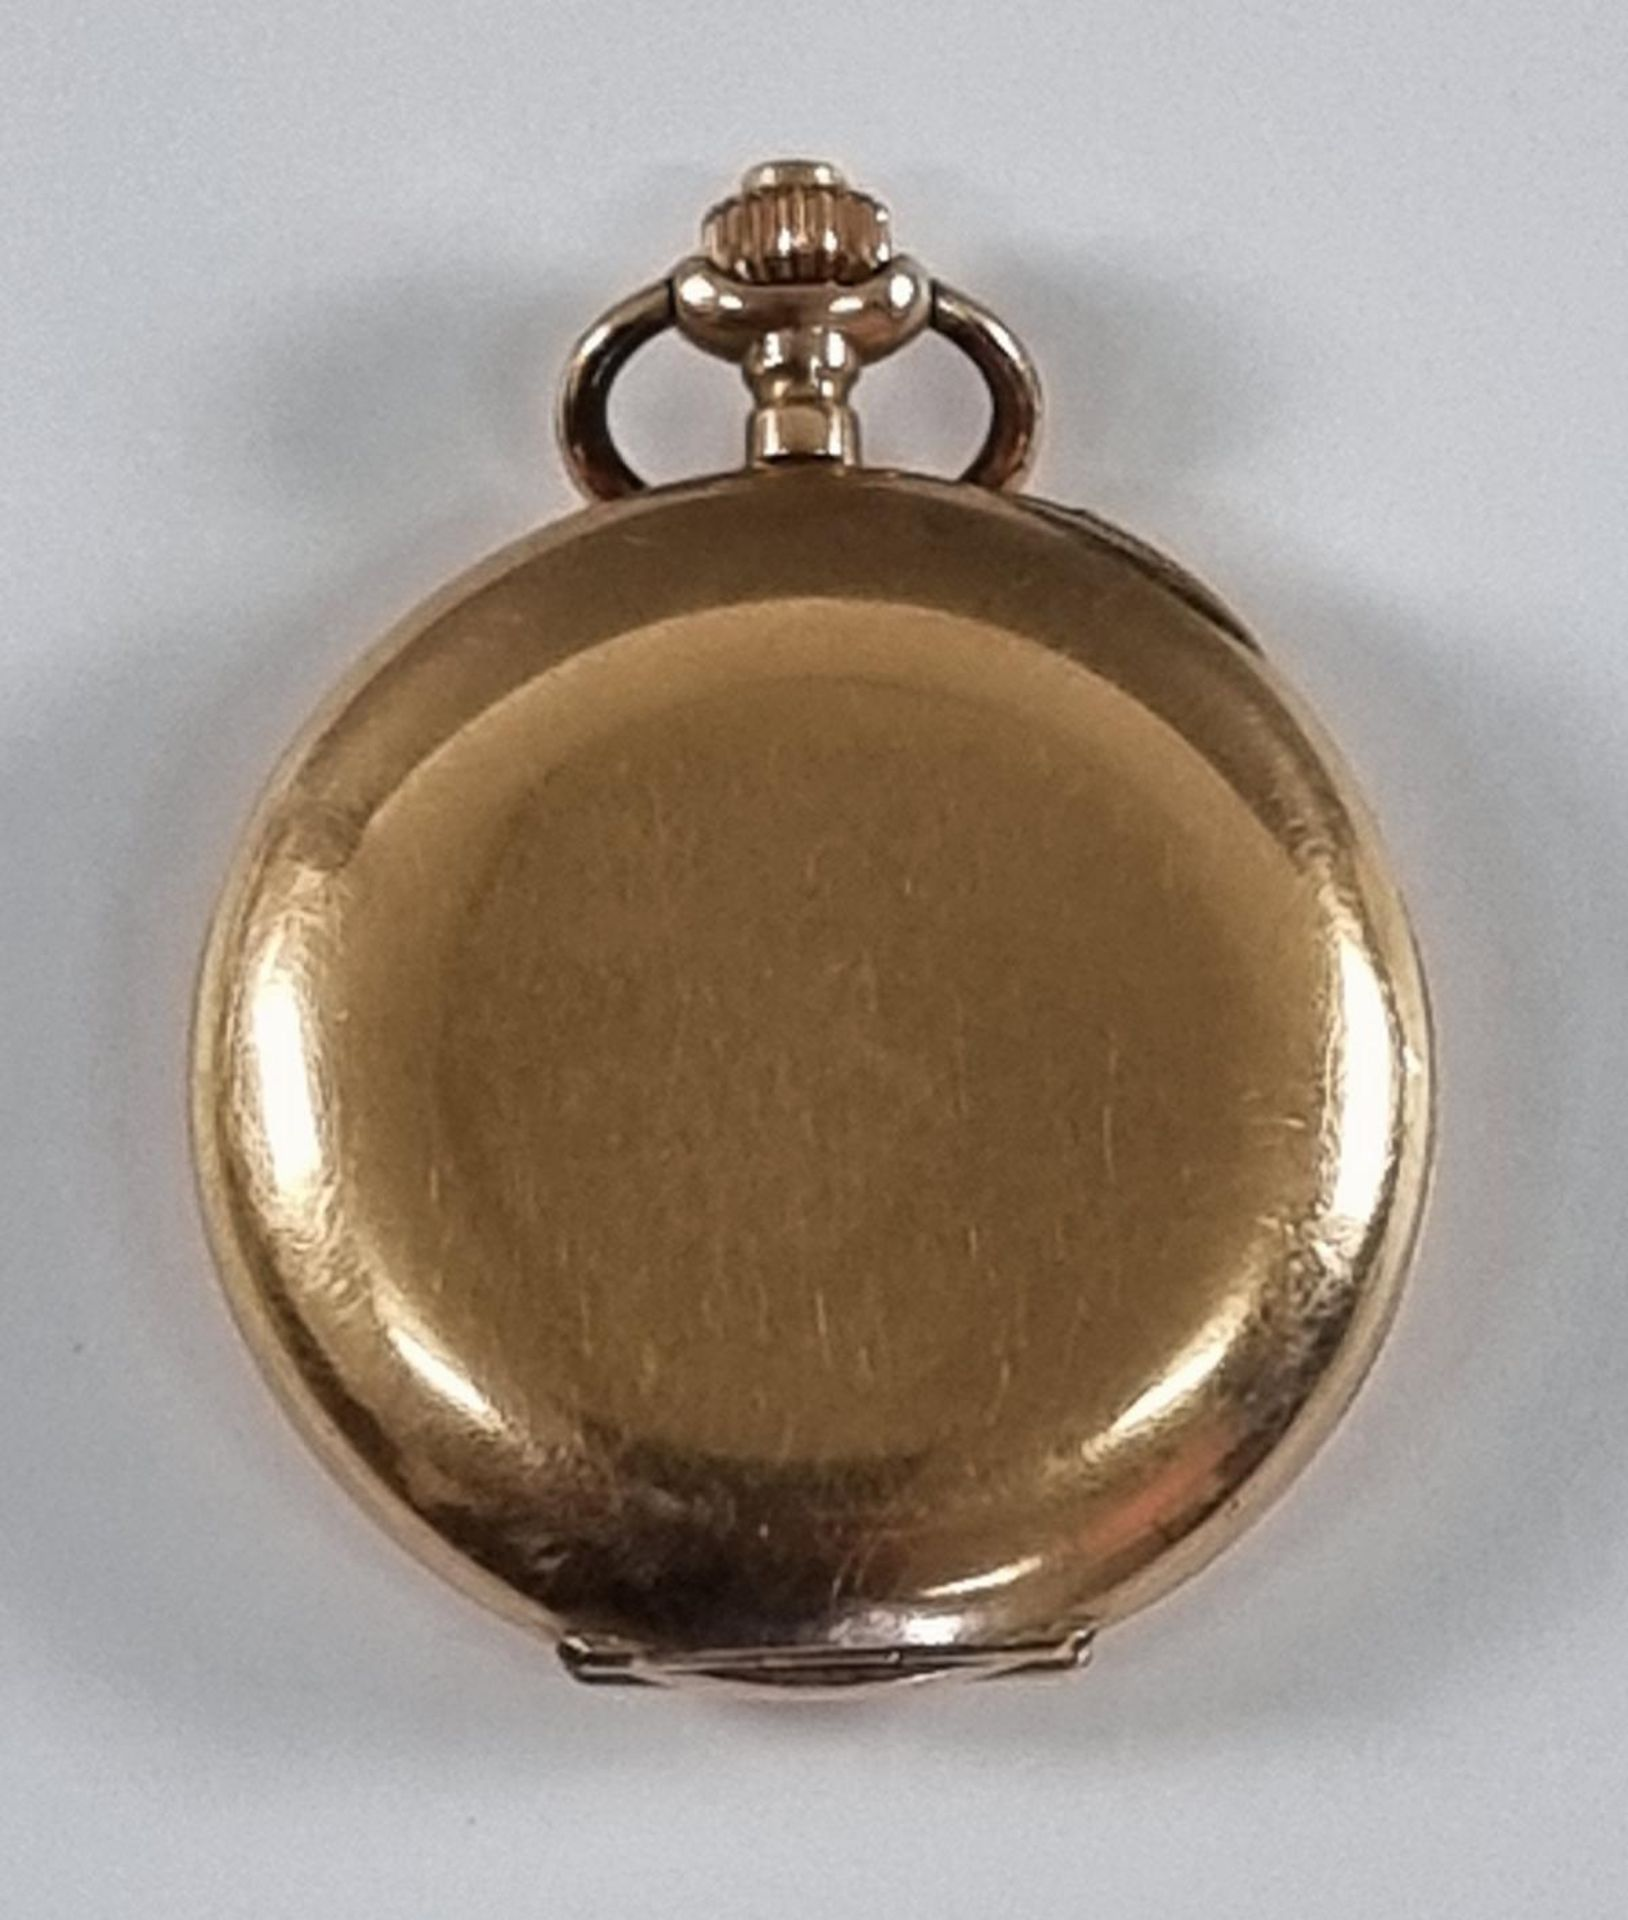 Goldene Damentaschenuhr, 14 Karat Gelbgold